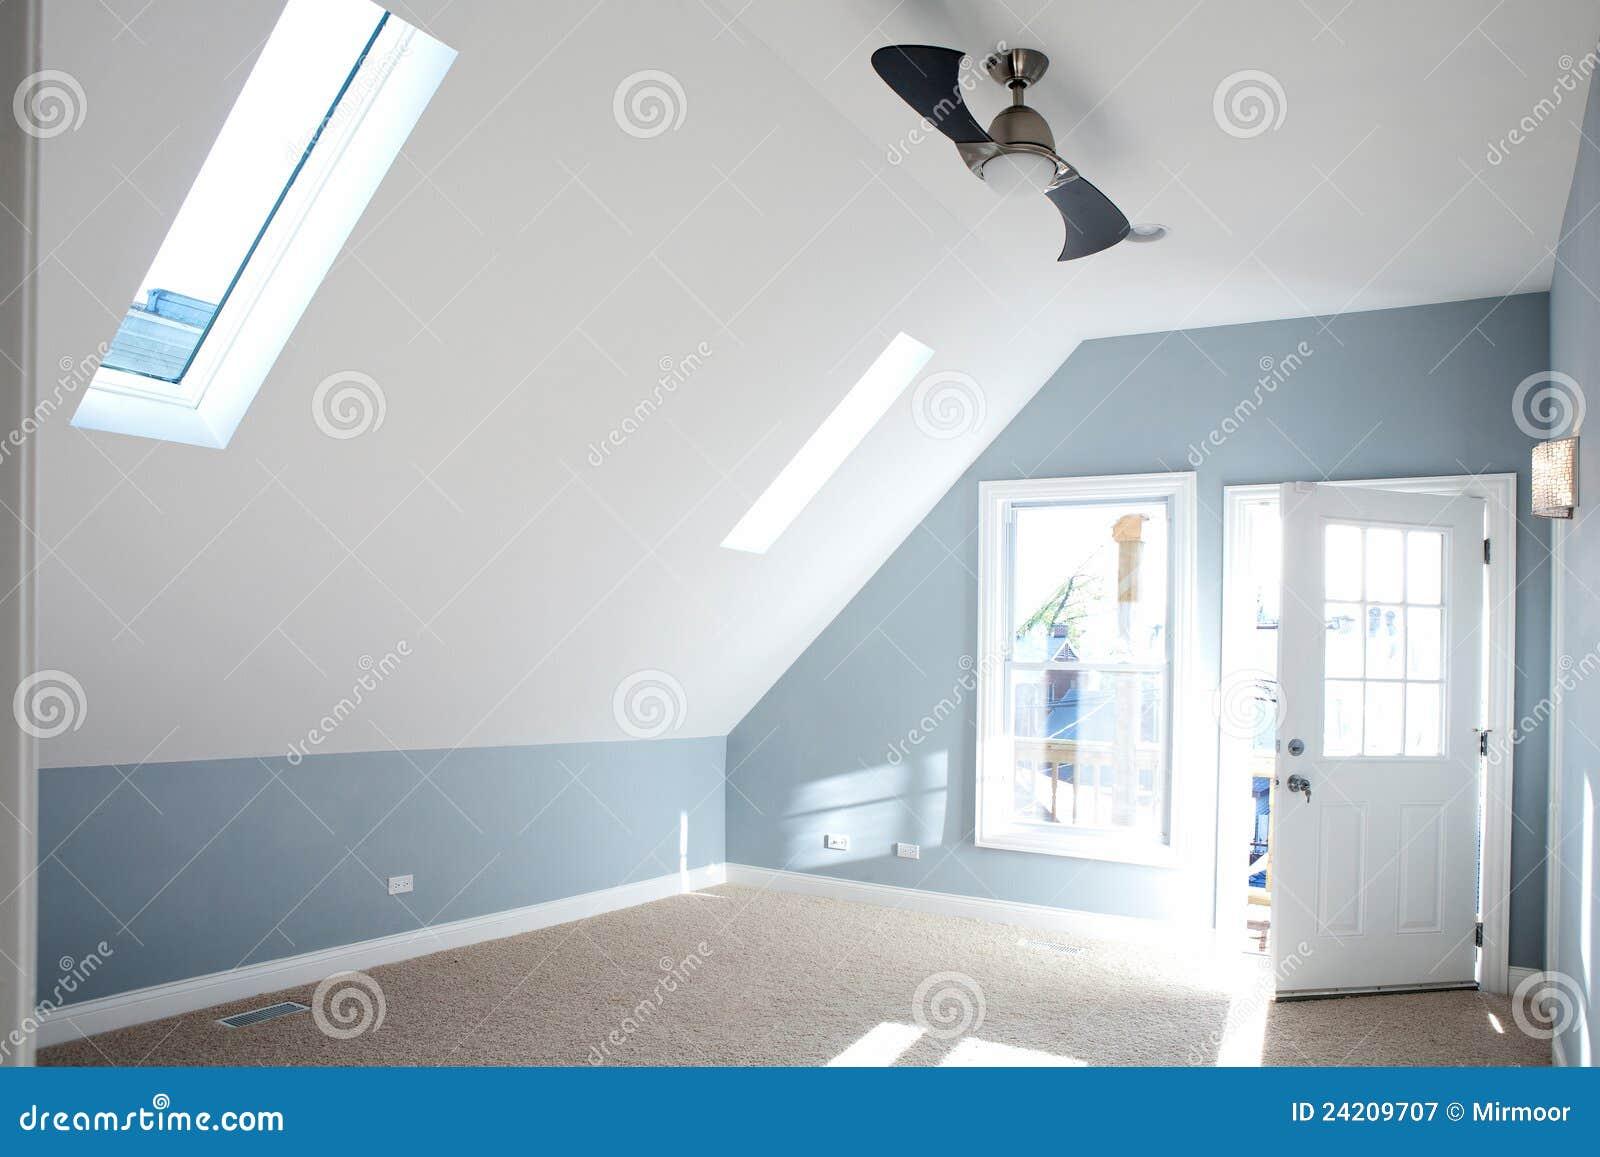 Letto Blu Colore Parete : Camera da letto vuota moderna con colore blu della parete